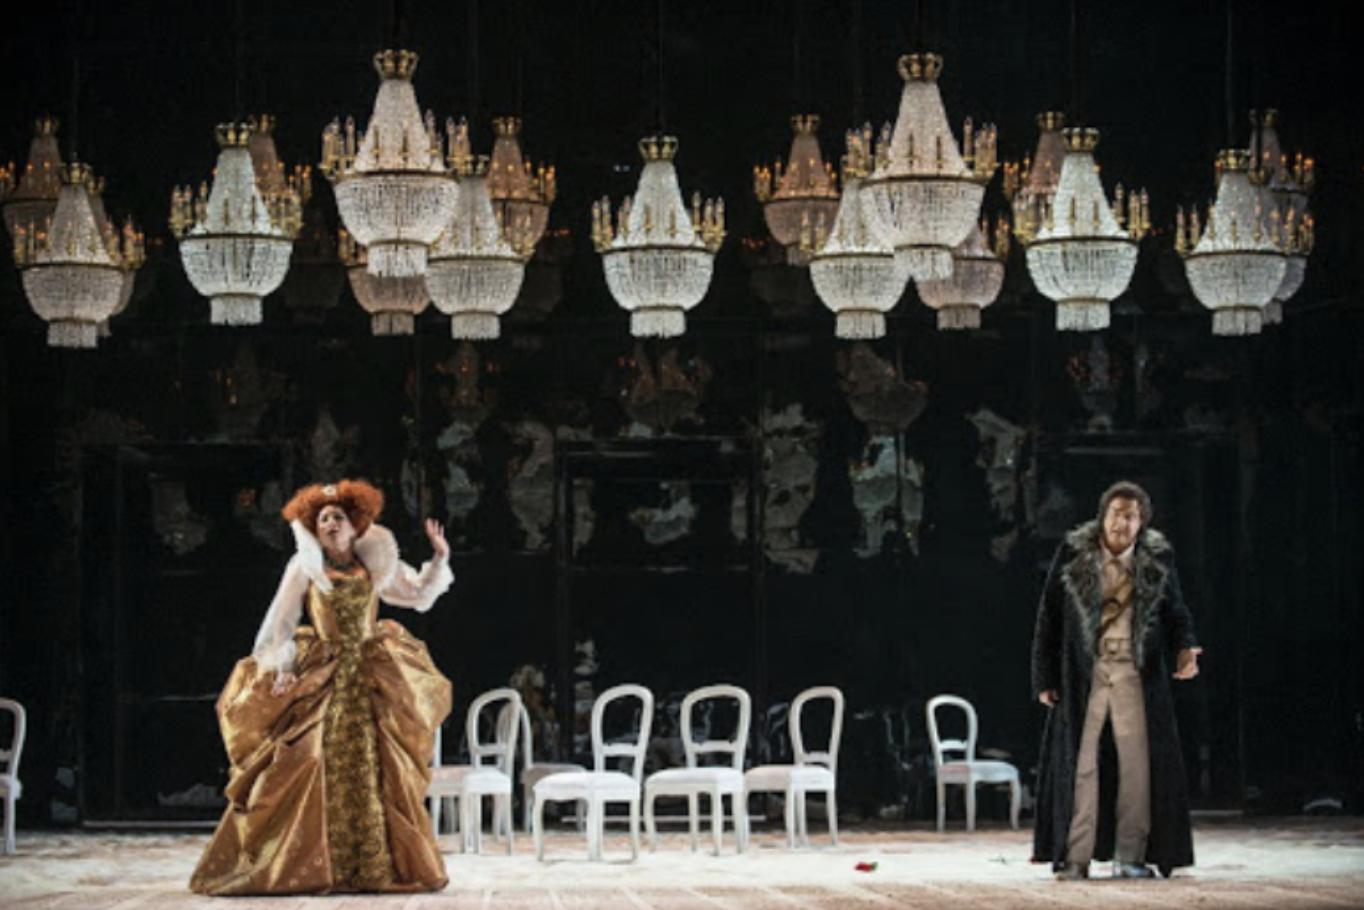 Comentarios previos: I Puritani en el Teatro Campoamor de Oviedo